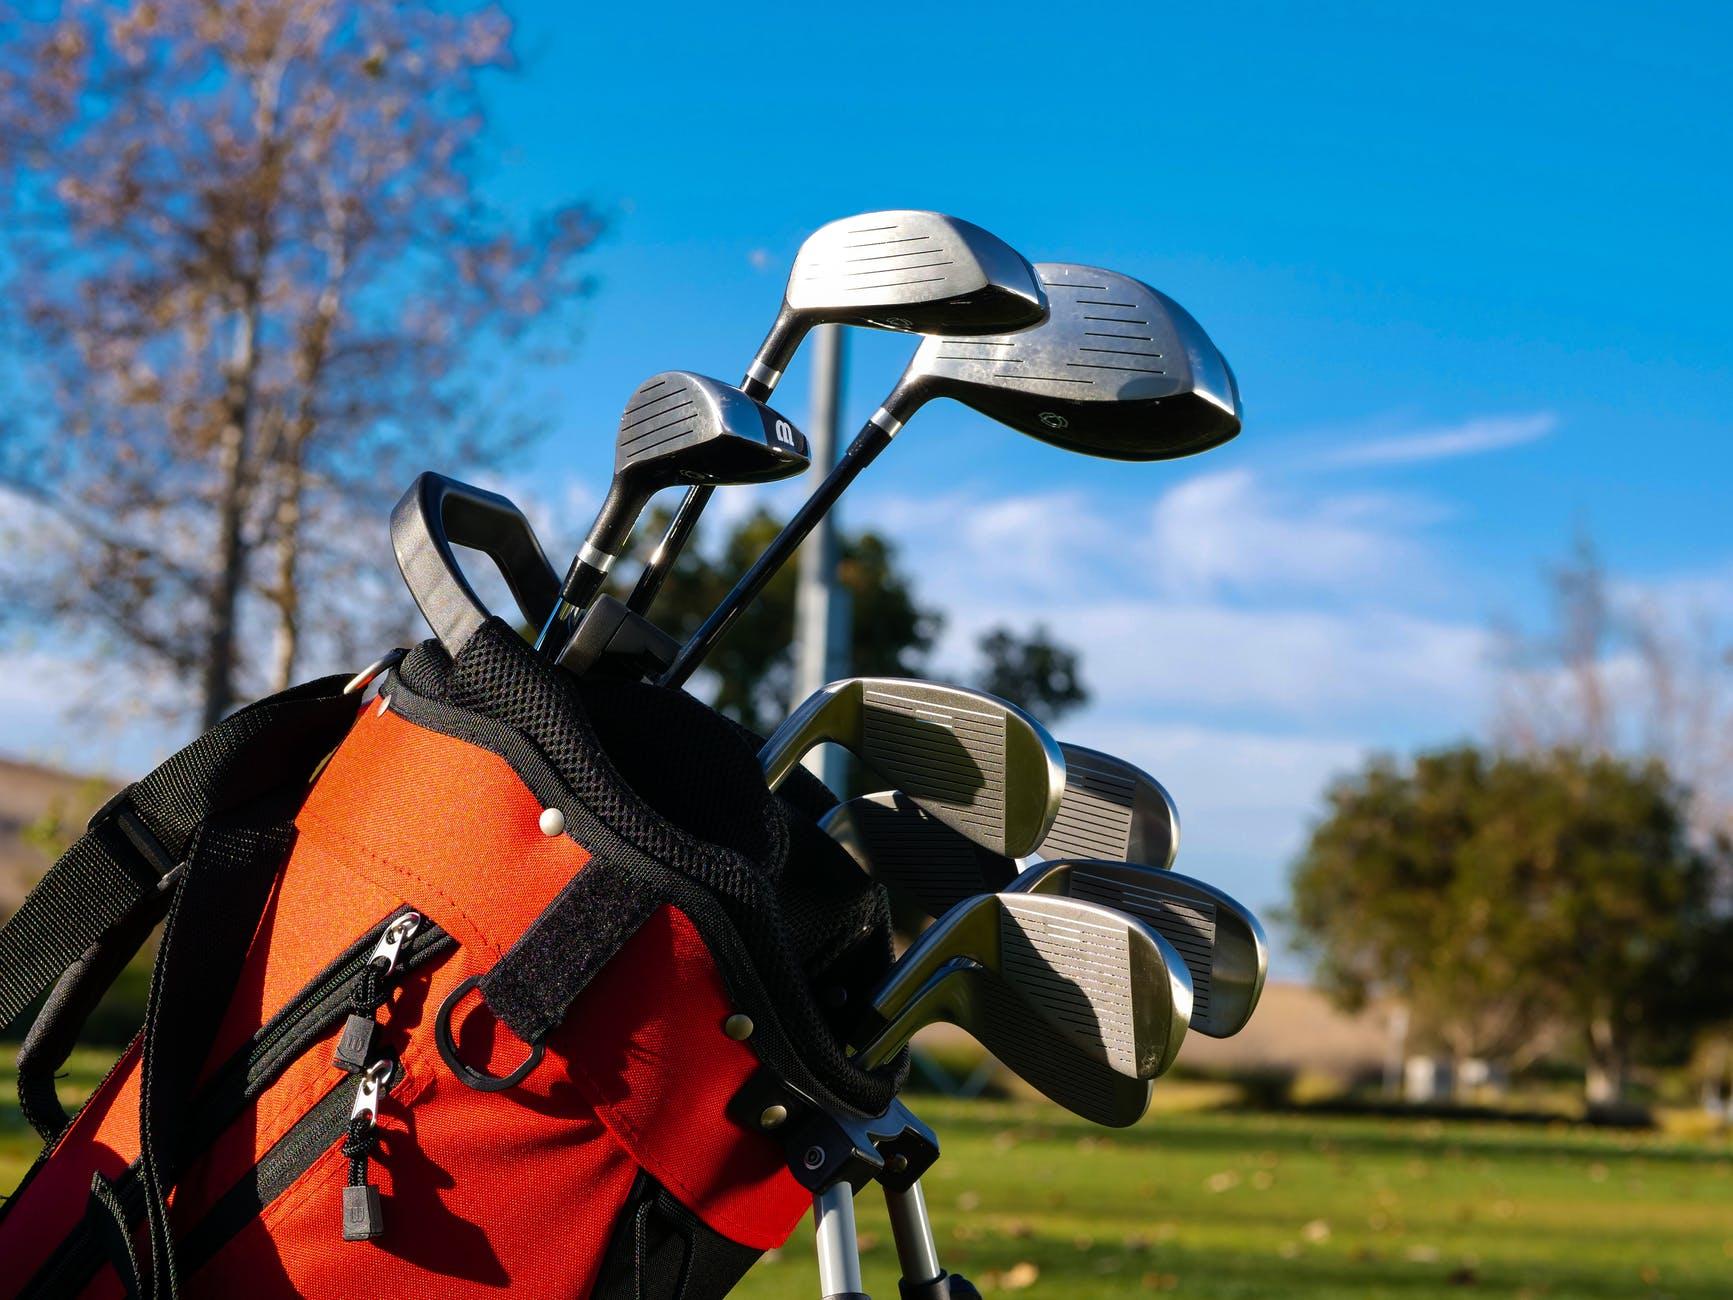 Olahraga yang Menyenangkan, Berikut Macam-macam Stick Golf